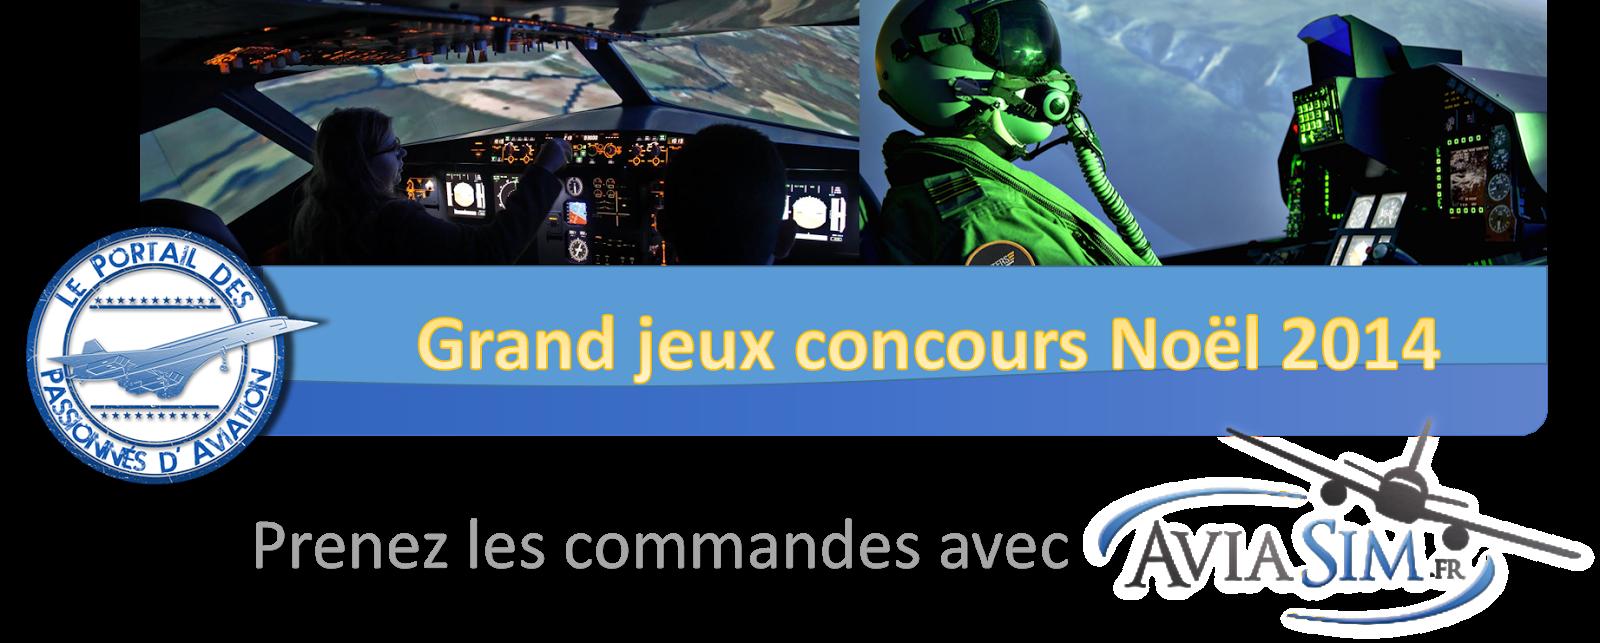 Jeux concours de Noël: Prenez les commandes d'un Airbus ou d'un F-16 avec Aviasim !